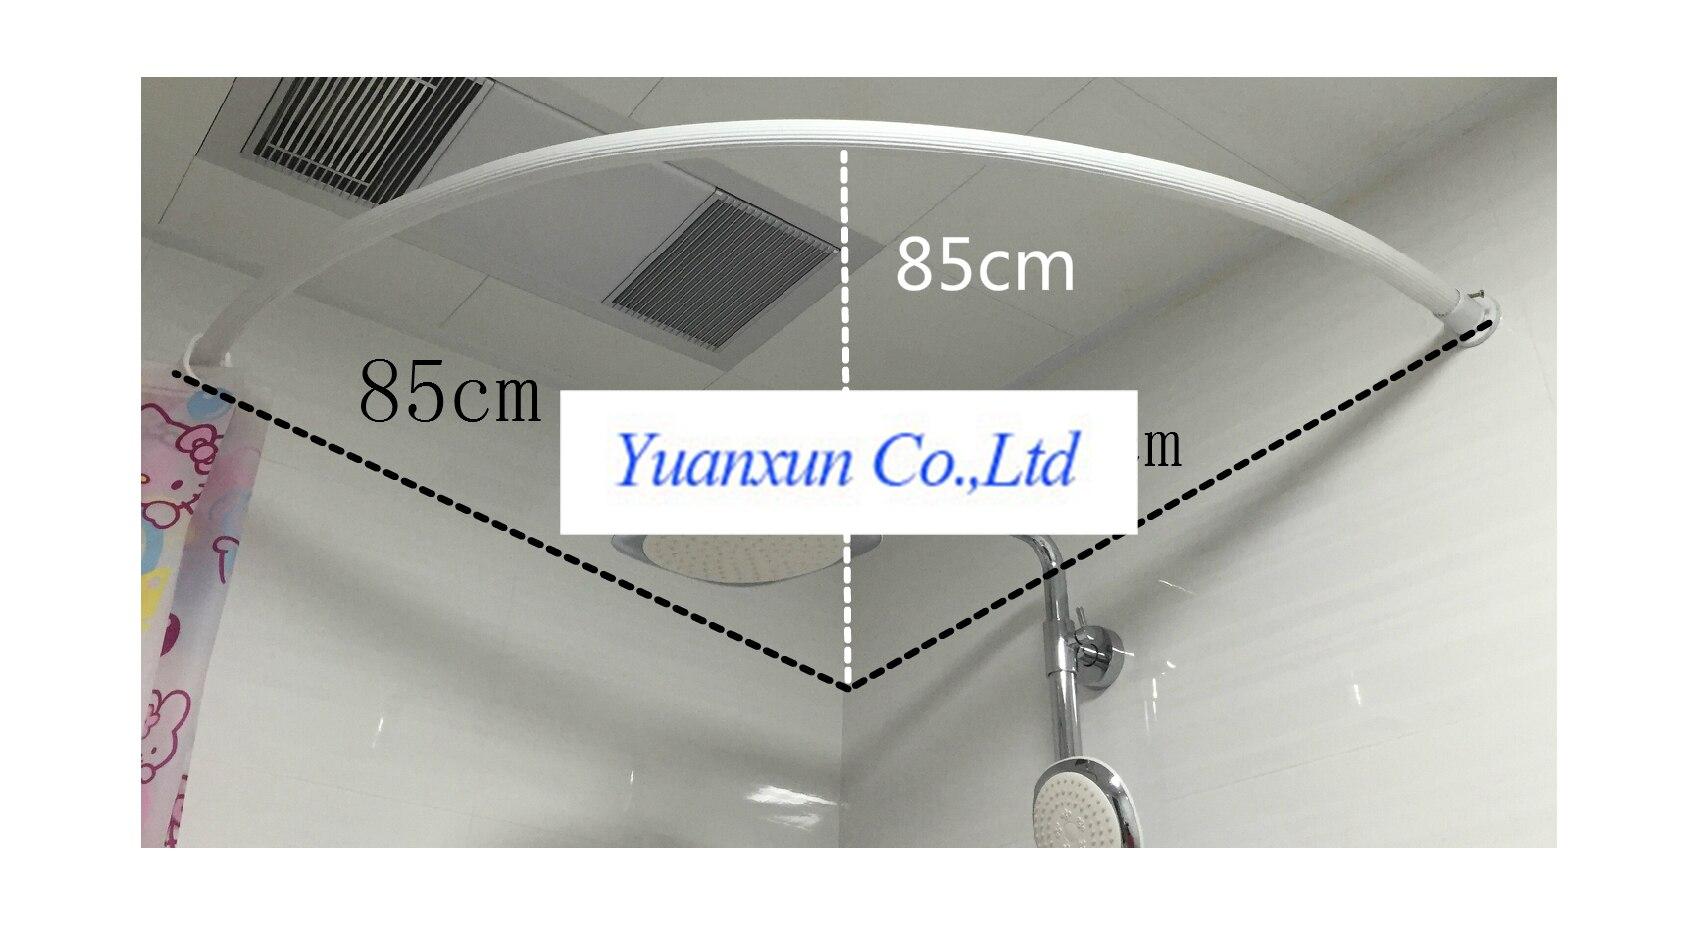 Barra de la cortina de ducha en forma de abanico c tipo recto ngulo recto esquina curva radian - Cortina bano curva ...